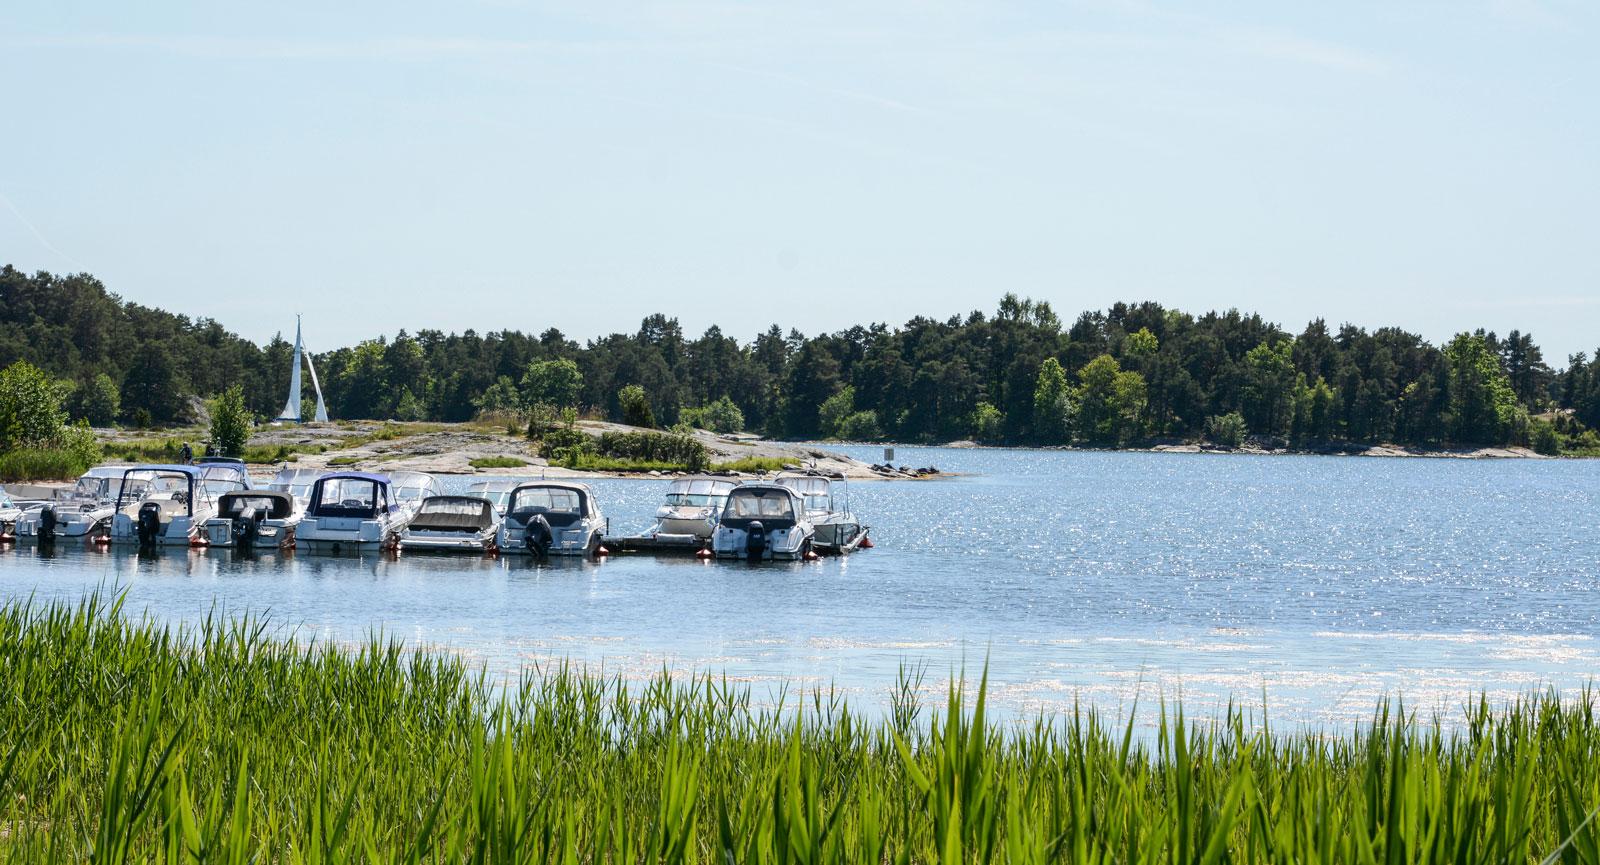 Båtplatserna ligger precis nedanför campingen, där ligger även parets Uttern D55 förtöjd.